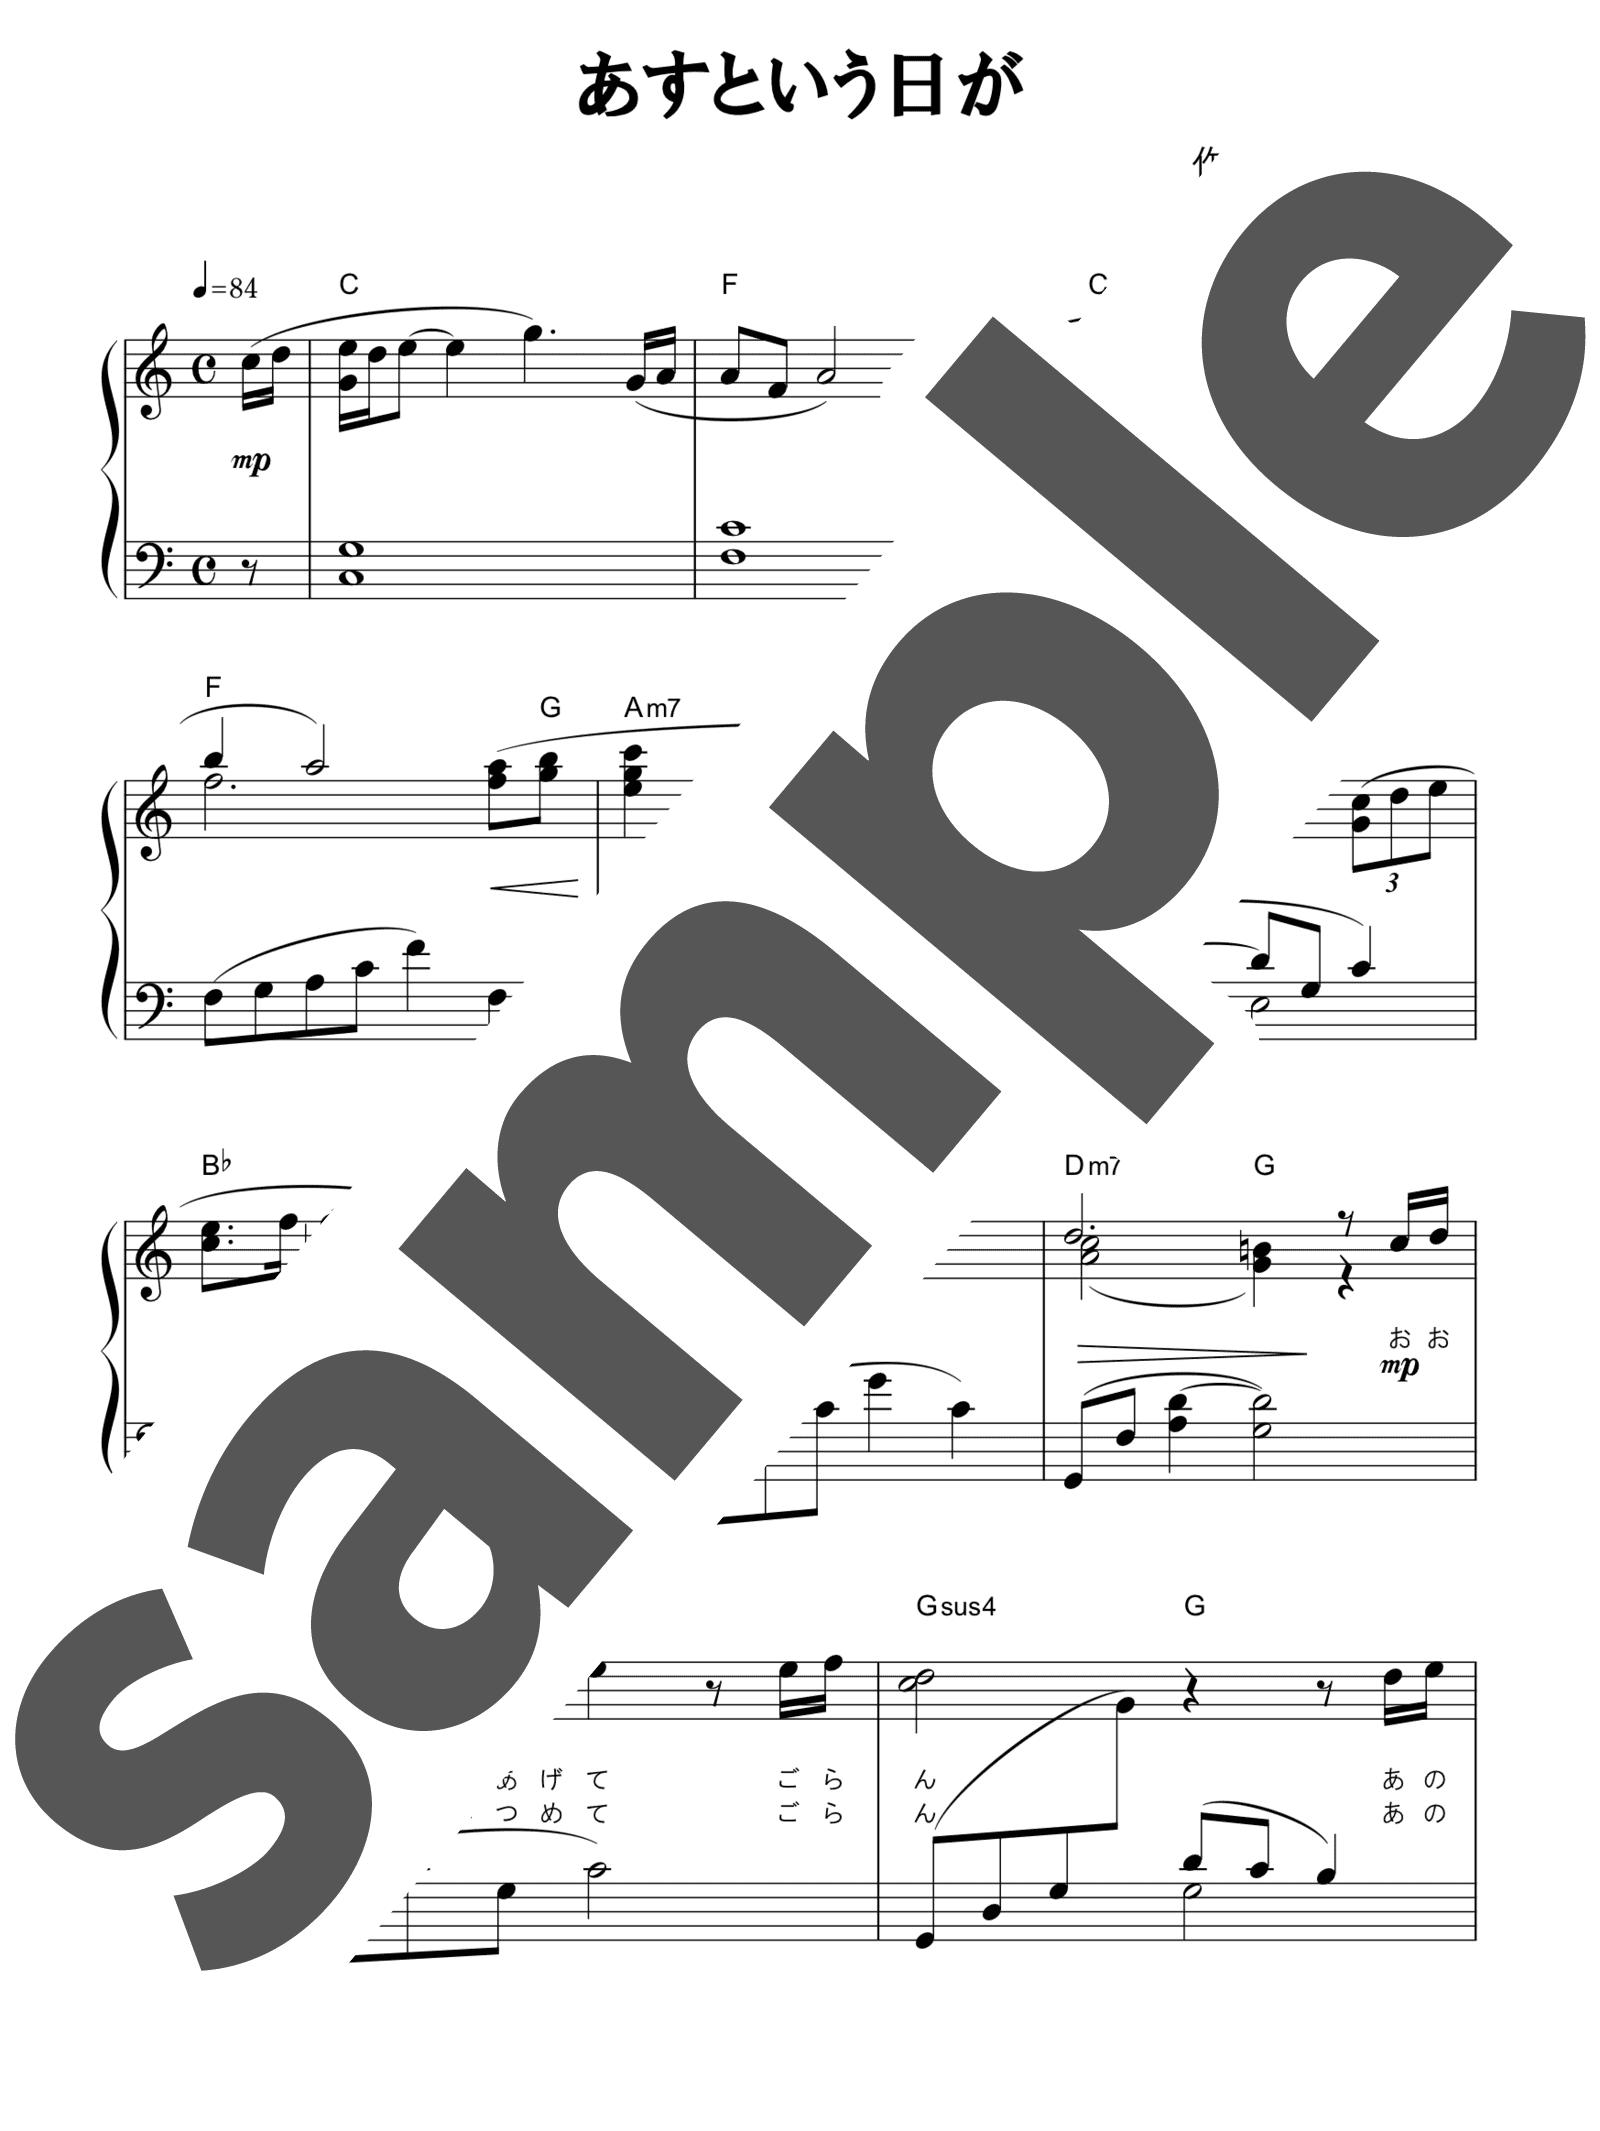 「あすという日が」のサンプル楽譜